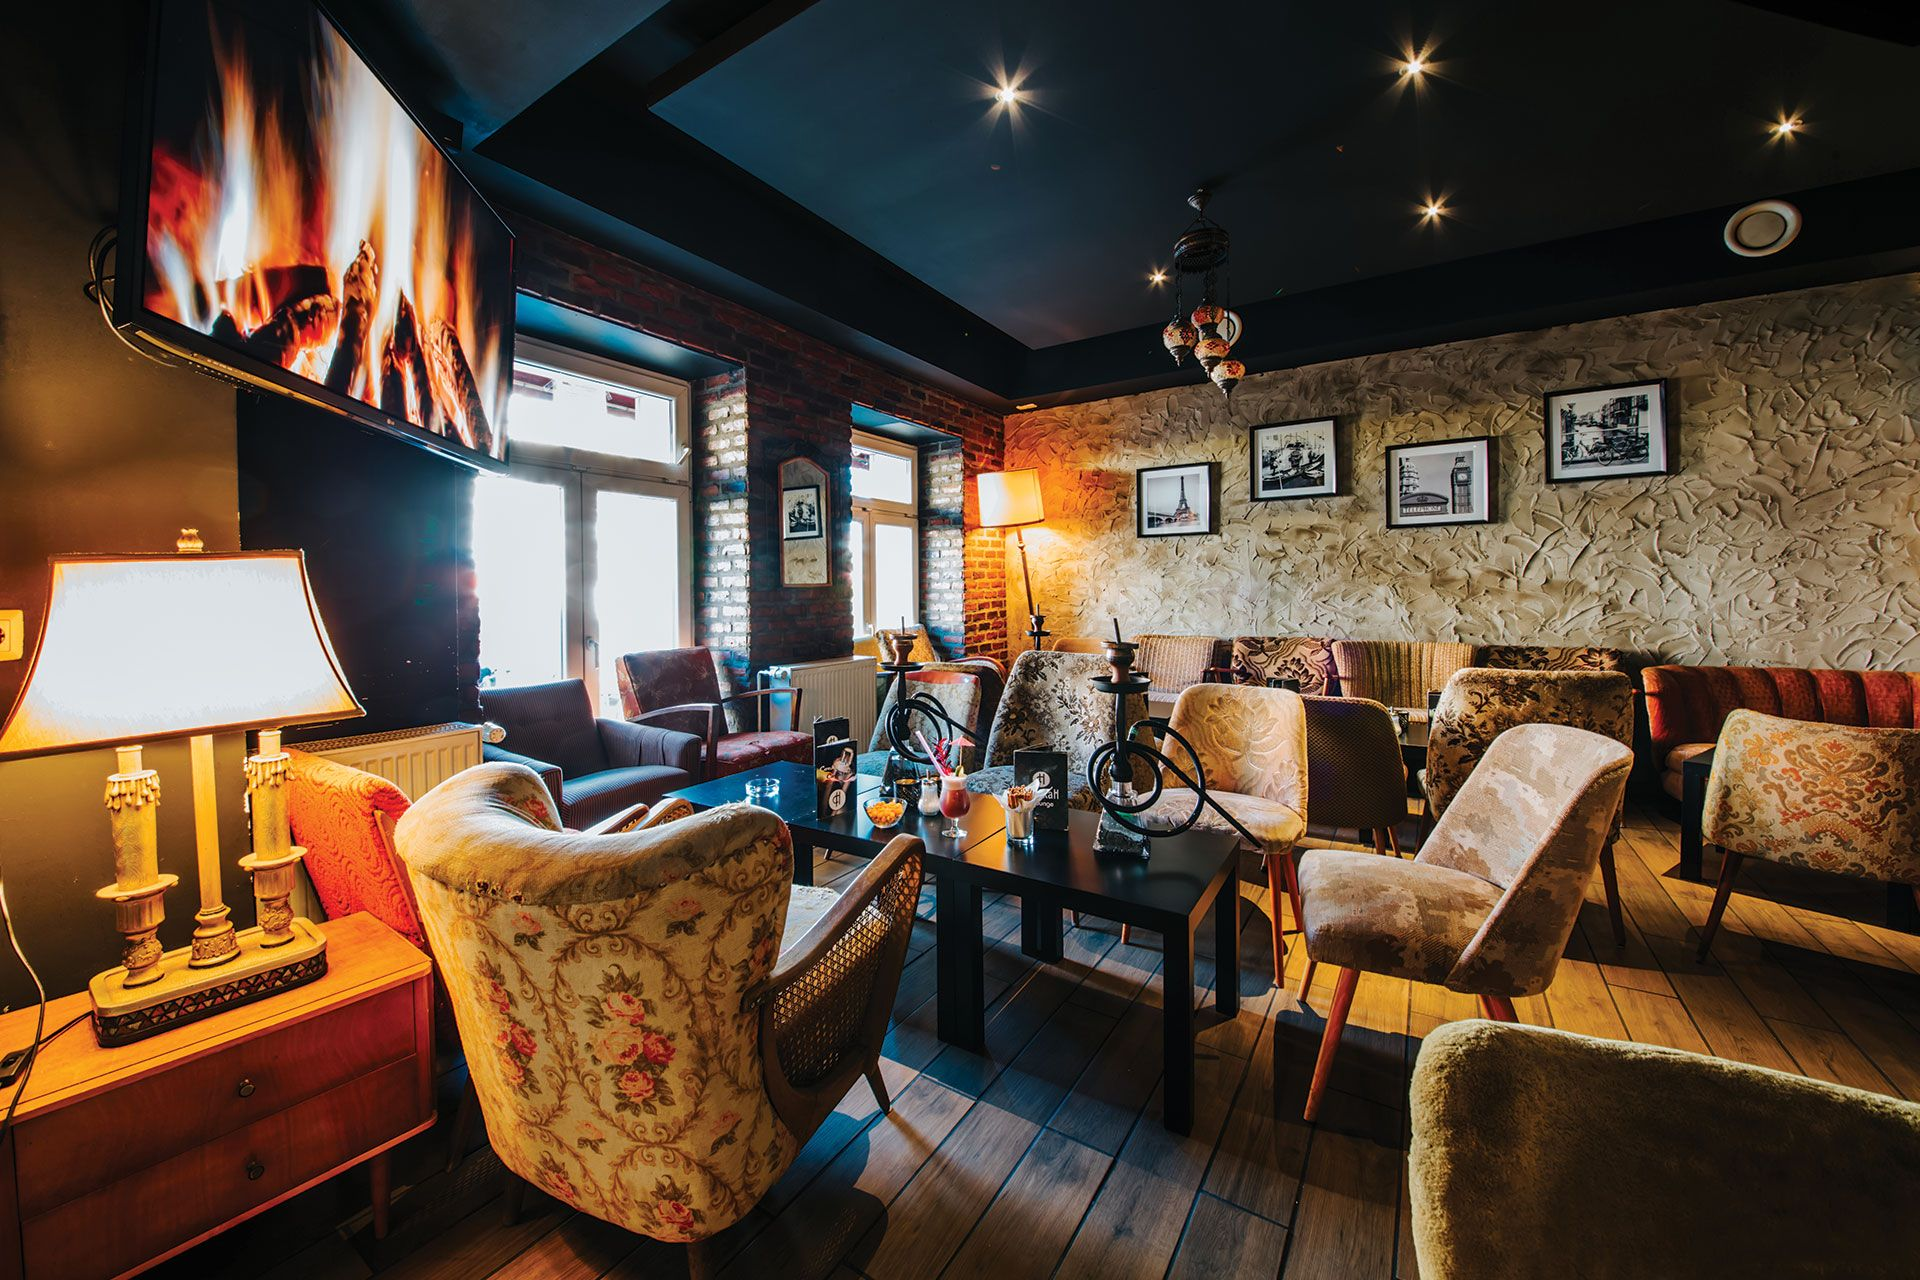 Hookah lounge eine neue shishabar im herzen von berlin jeden freitag  samstag gibt es turkische live music diese bar bietet euch erse tabaksorten also best images in creative bookshelves home rh pinterest